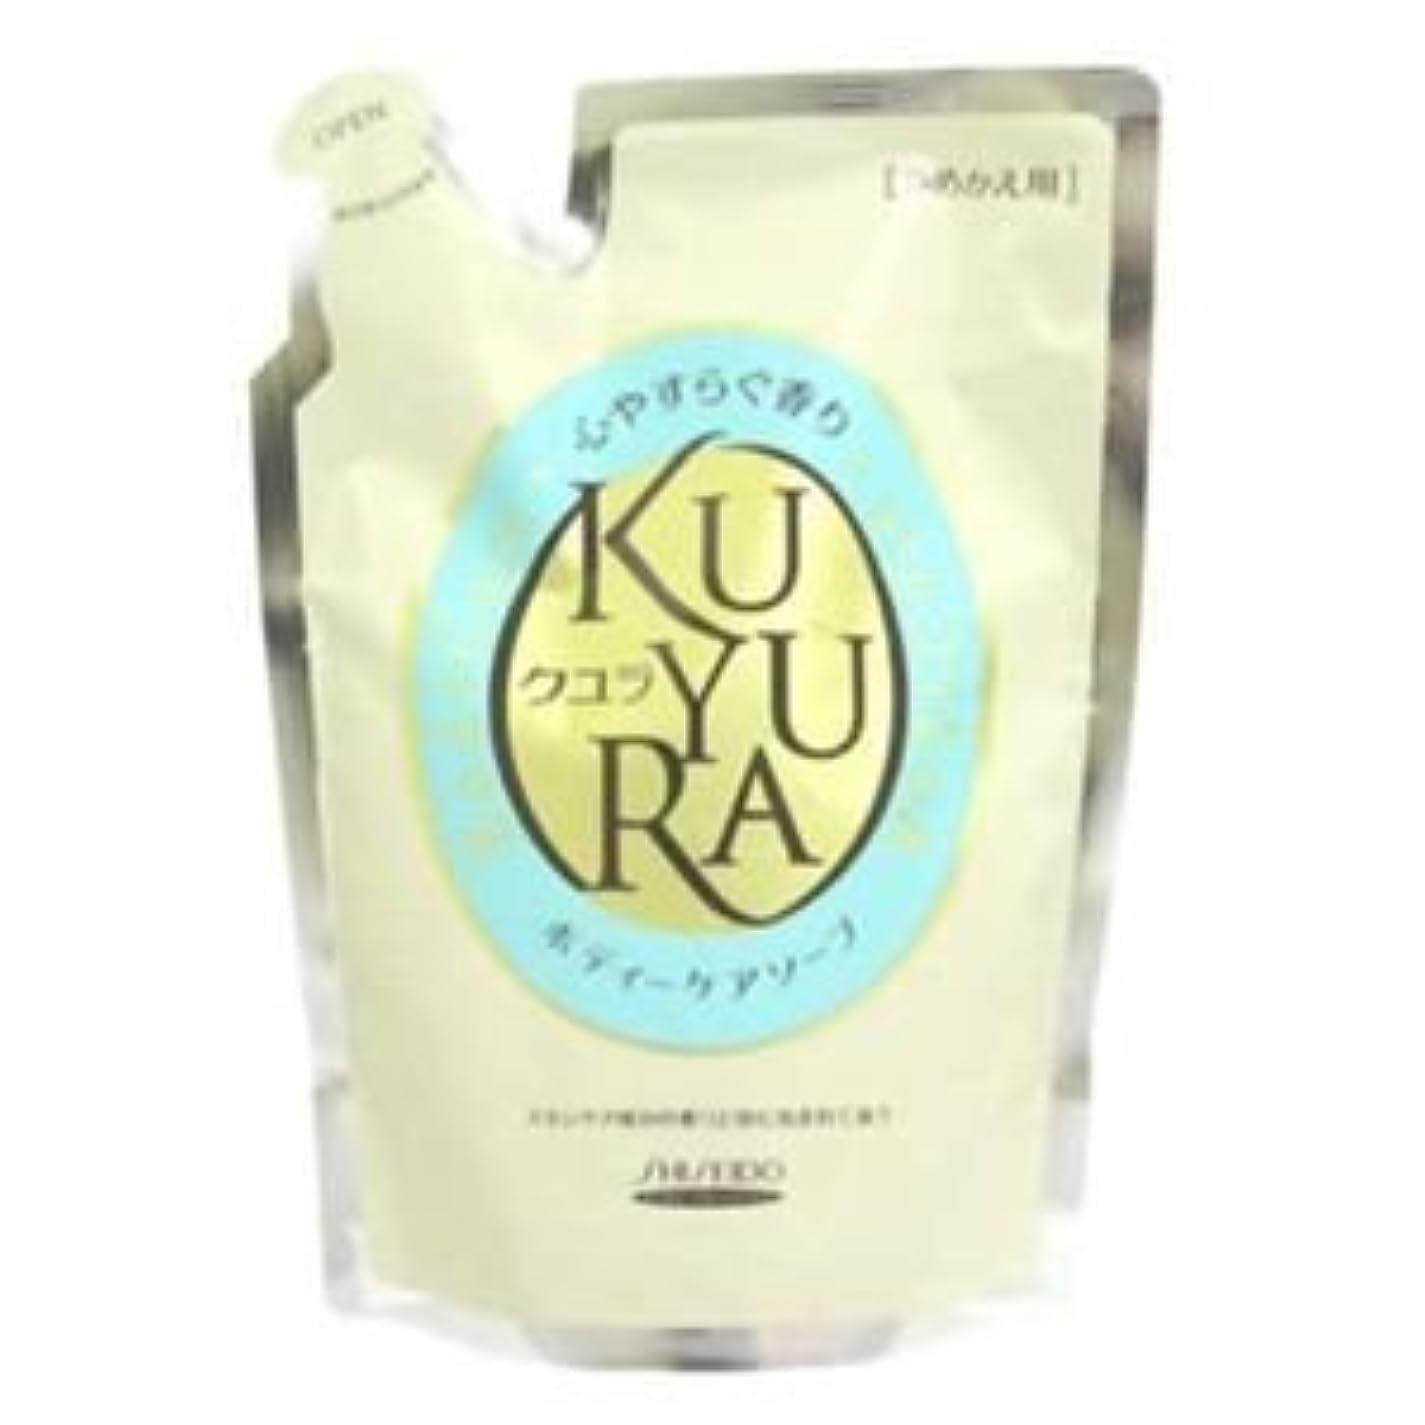 促進するバズクレジットクユラ ボディケアソープ 心やすらぐ香り つめかえ用400ml 4セット